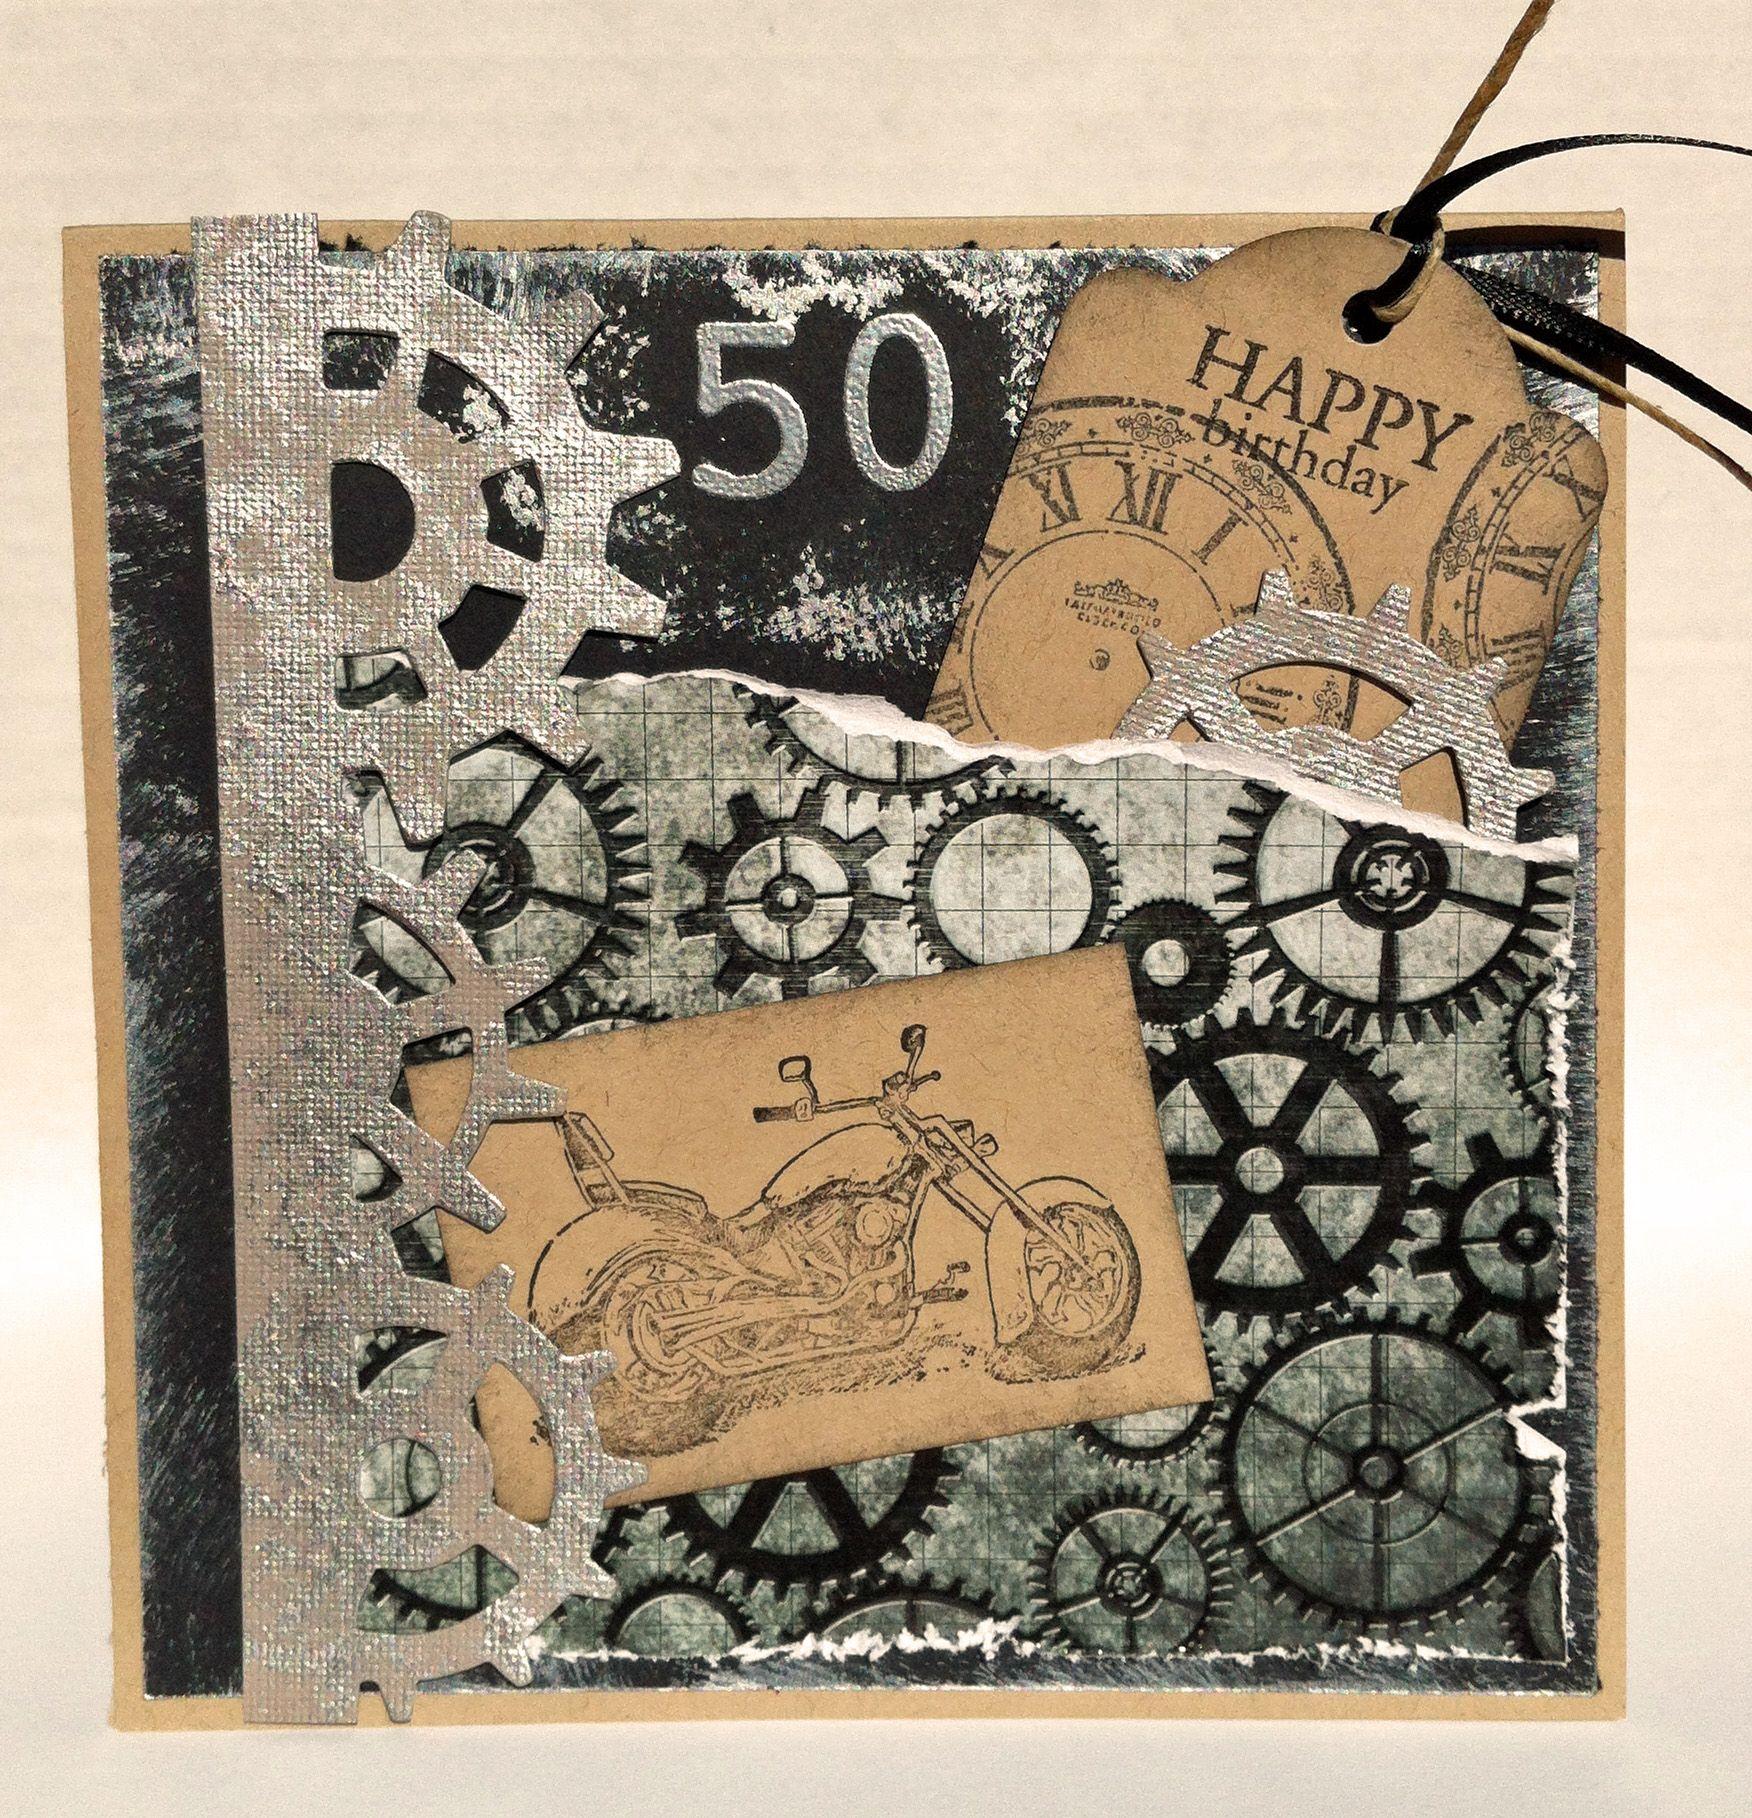 Birthday Card Stampin Up Stamp Motorcycletim Holtz Steampunk Die